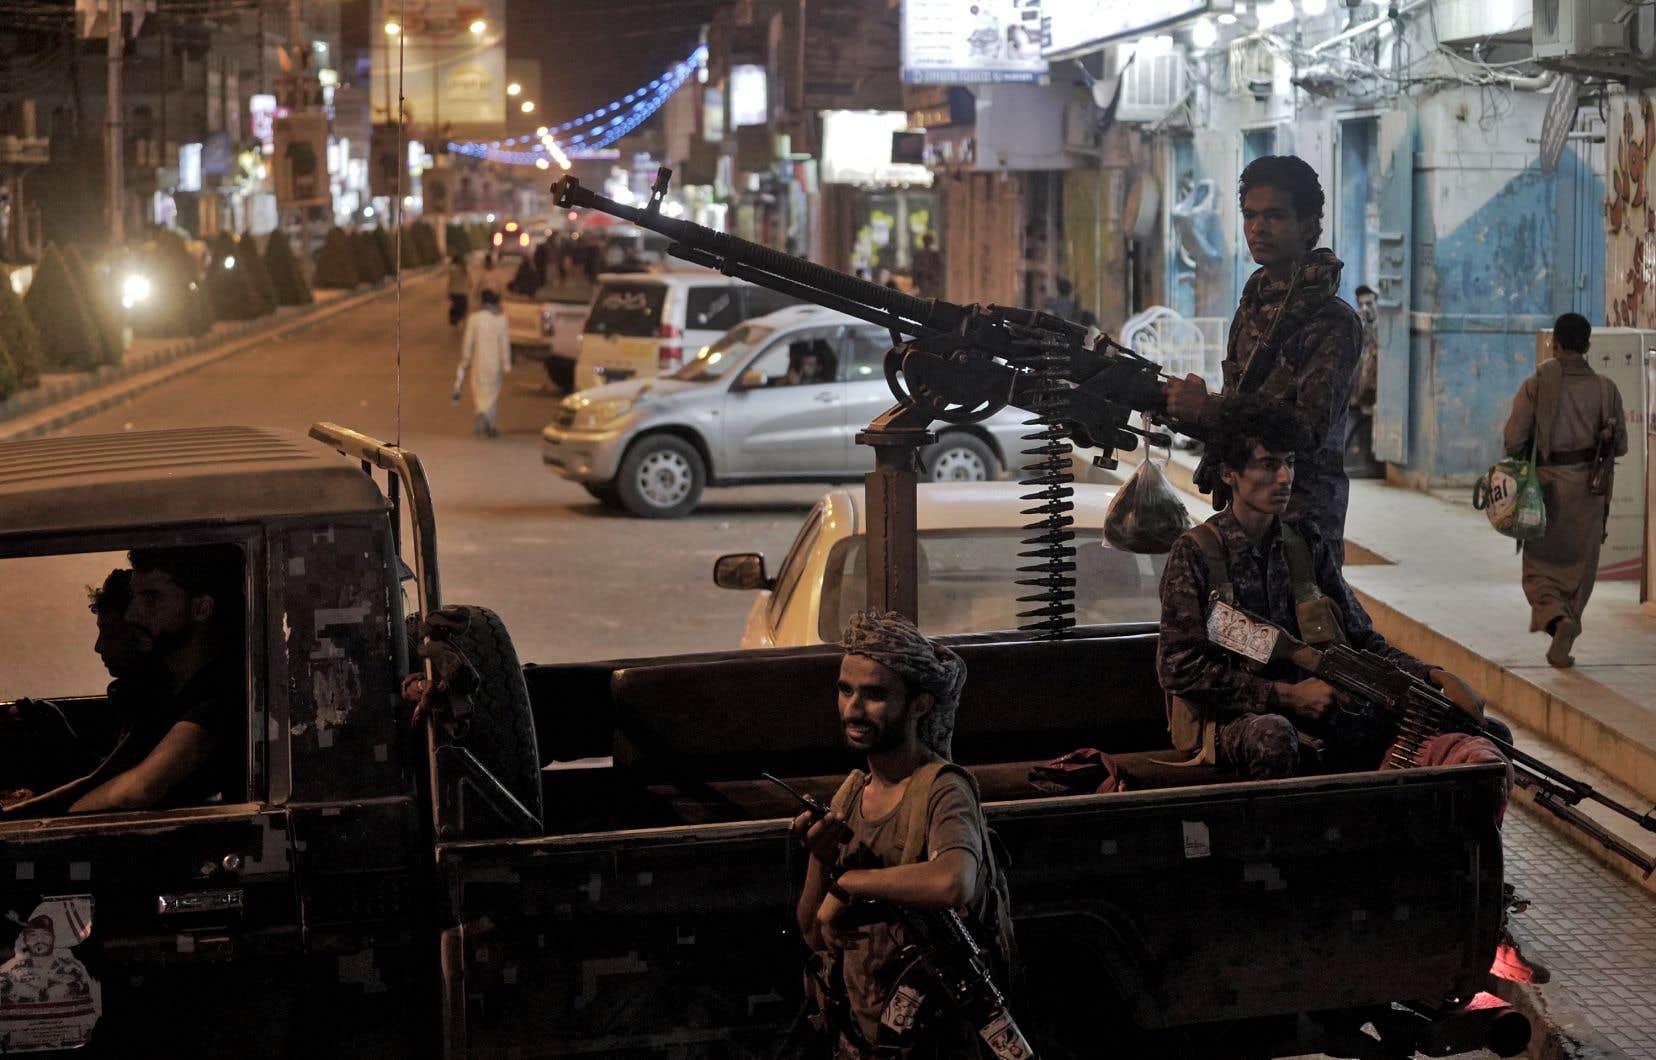 Les Houthis tentent depuis février d'arracher Marib, région riche en pétrole, aux forces loyalistes, appuyées elles par une coalition dirigée par l'Arabie saoudite. Sur cette photo, des combattants fidèles au gouvernement yéménite montent la garde à l'entrée de la ville de Marib, dans le nord-est du Yémen, le 5 mai.